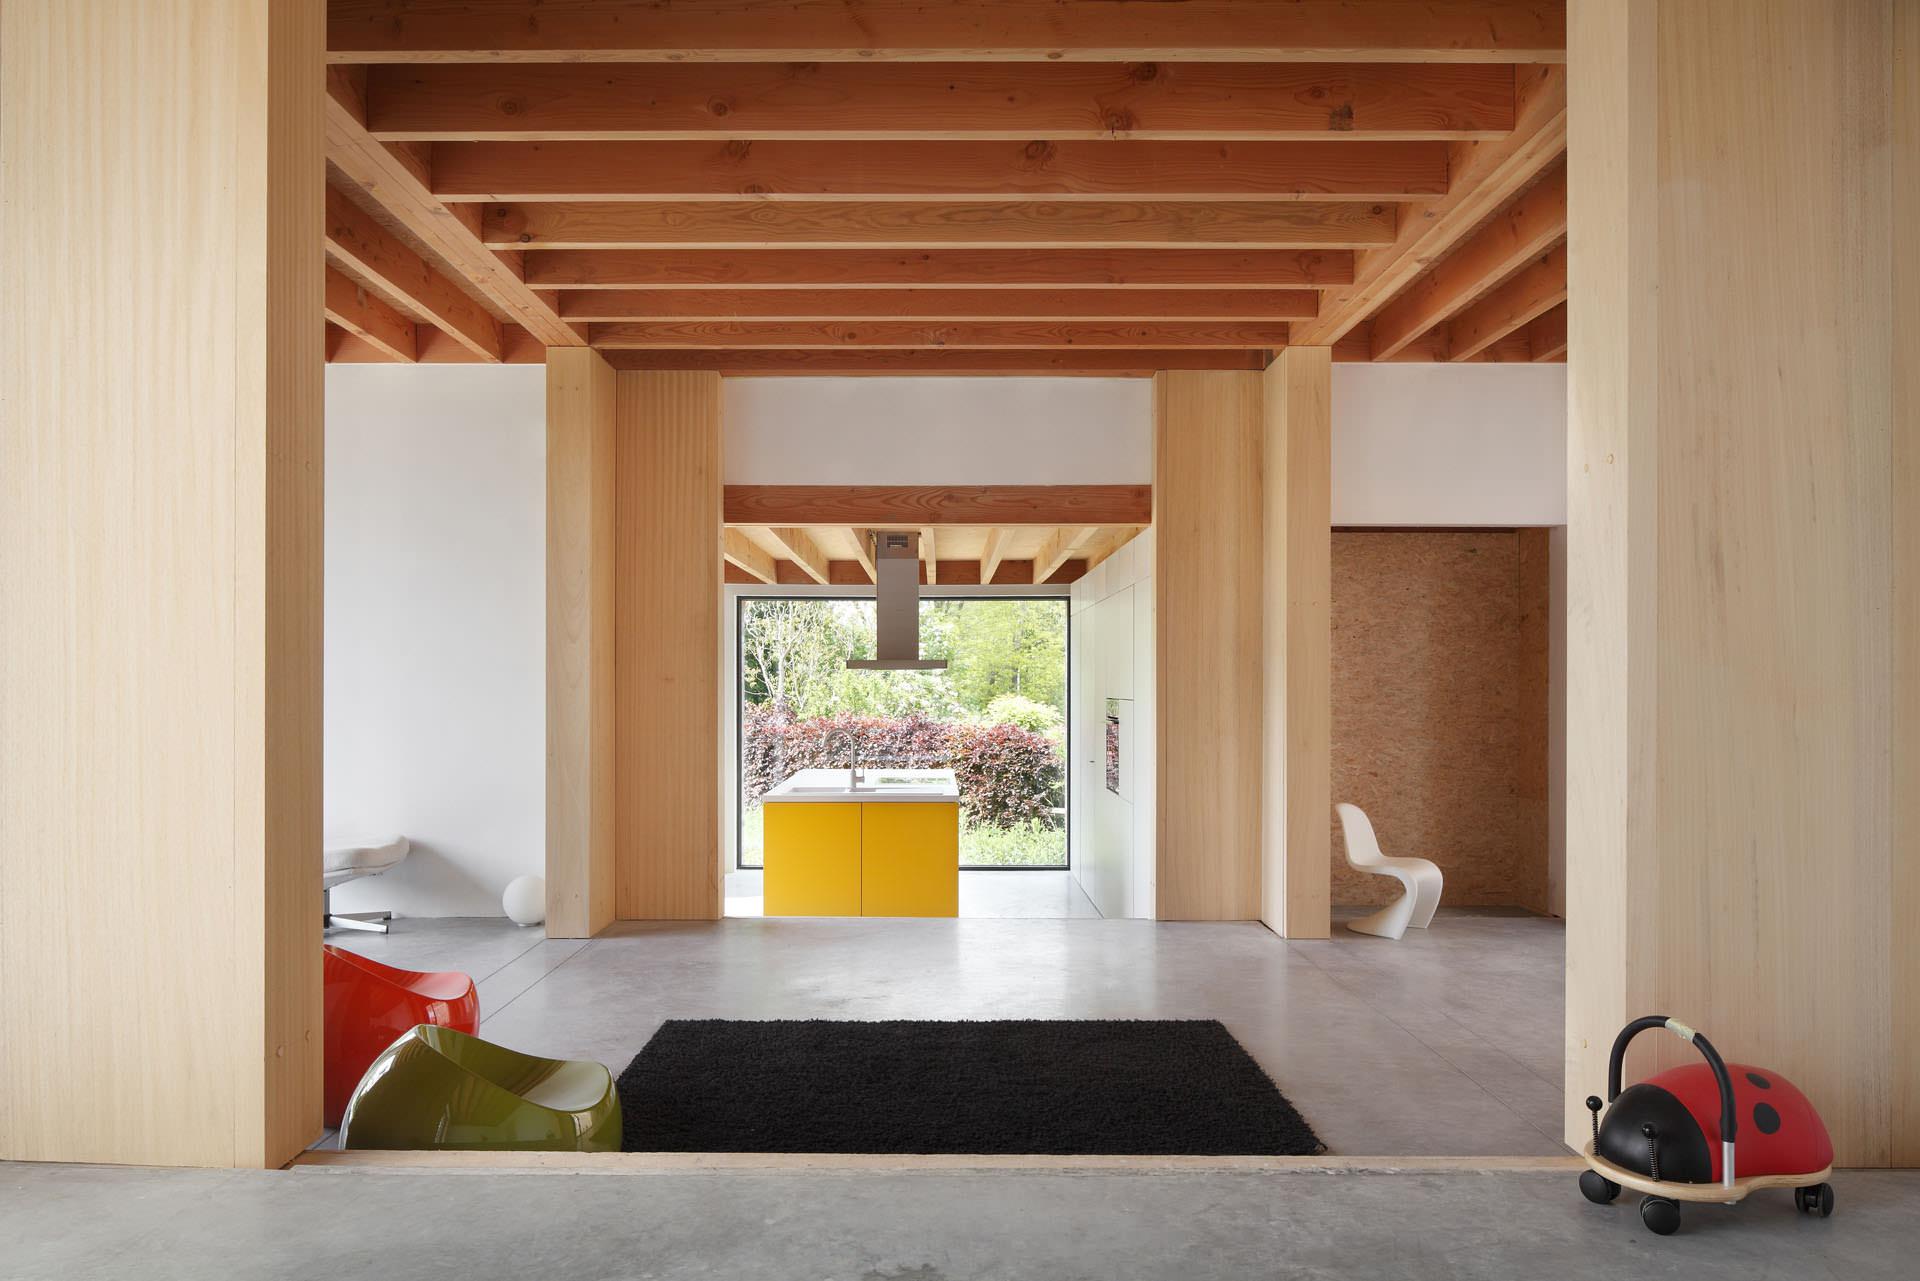 blaf s dna house breaks the mould uncube. Black Bedroom Furniture Sets. Home Design Ideas